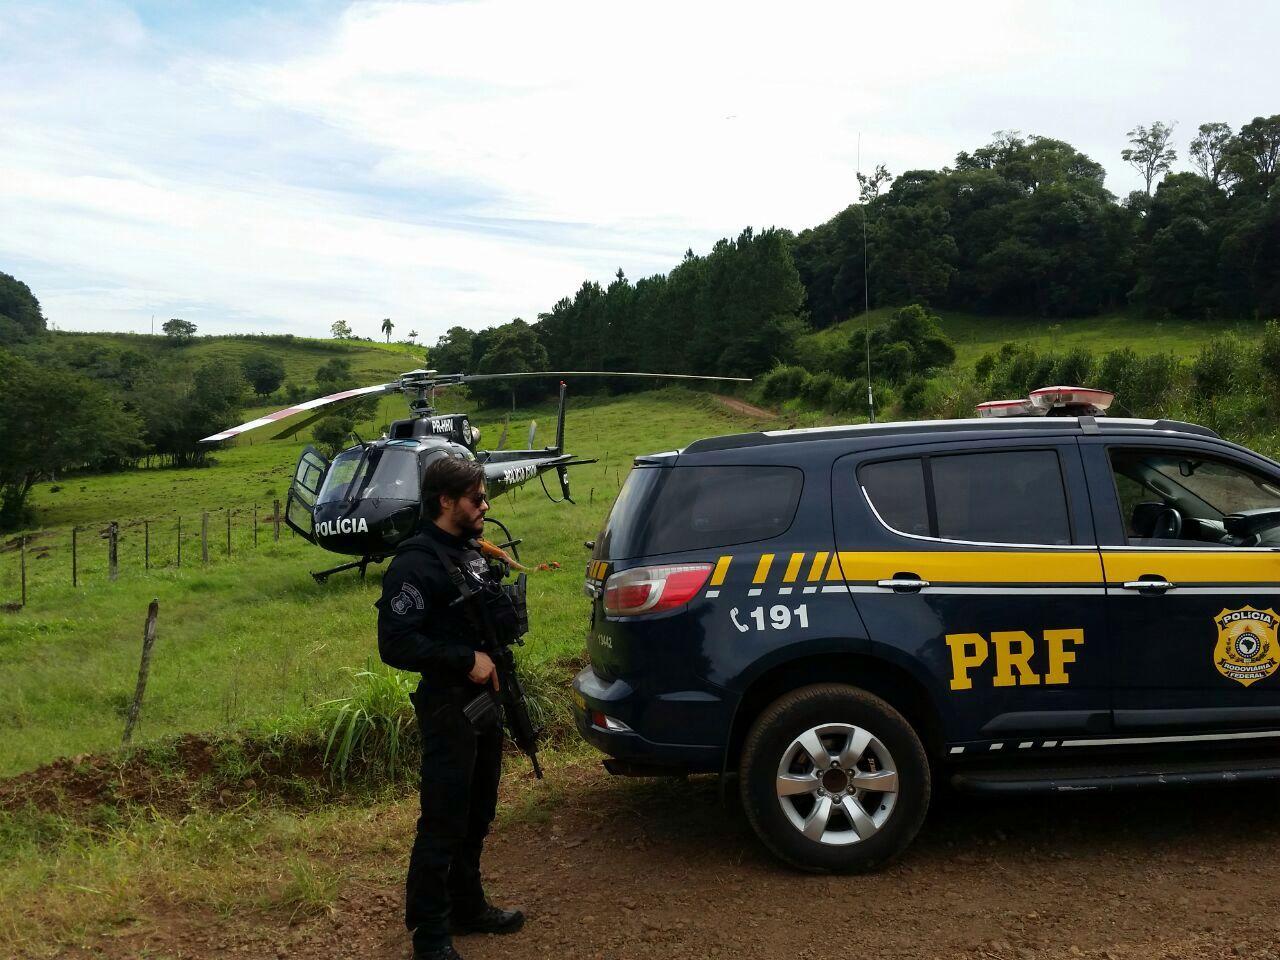 Operação conjunta PRF e Polícia Civil apreende caminhão com 200 mil maços de cigarros em Guaraciaba